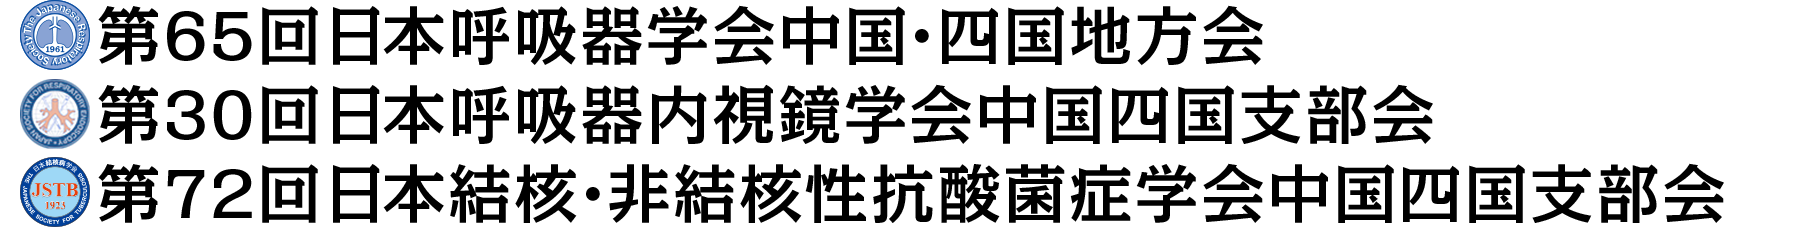 第65回日本呼吸器学会中国・四国地方会/第30回日本呼吸器内視鏡学会中国四国支部会/第72回日本結核・非結核性抗酸菌症学会中国四国支部会